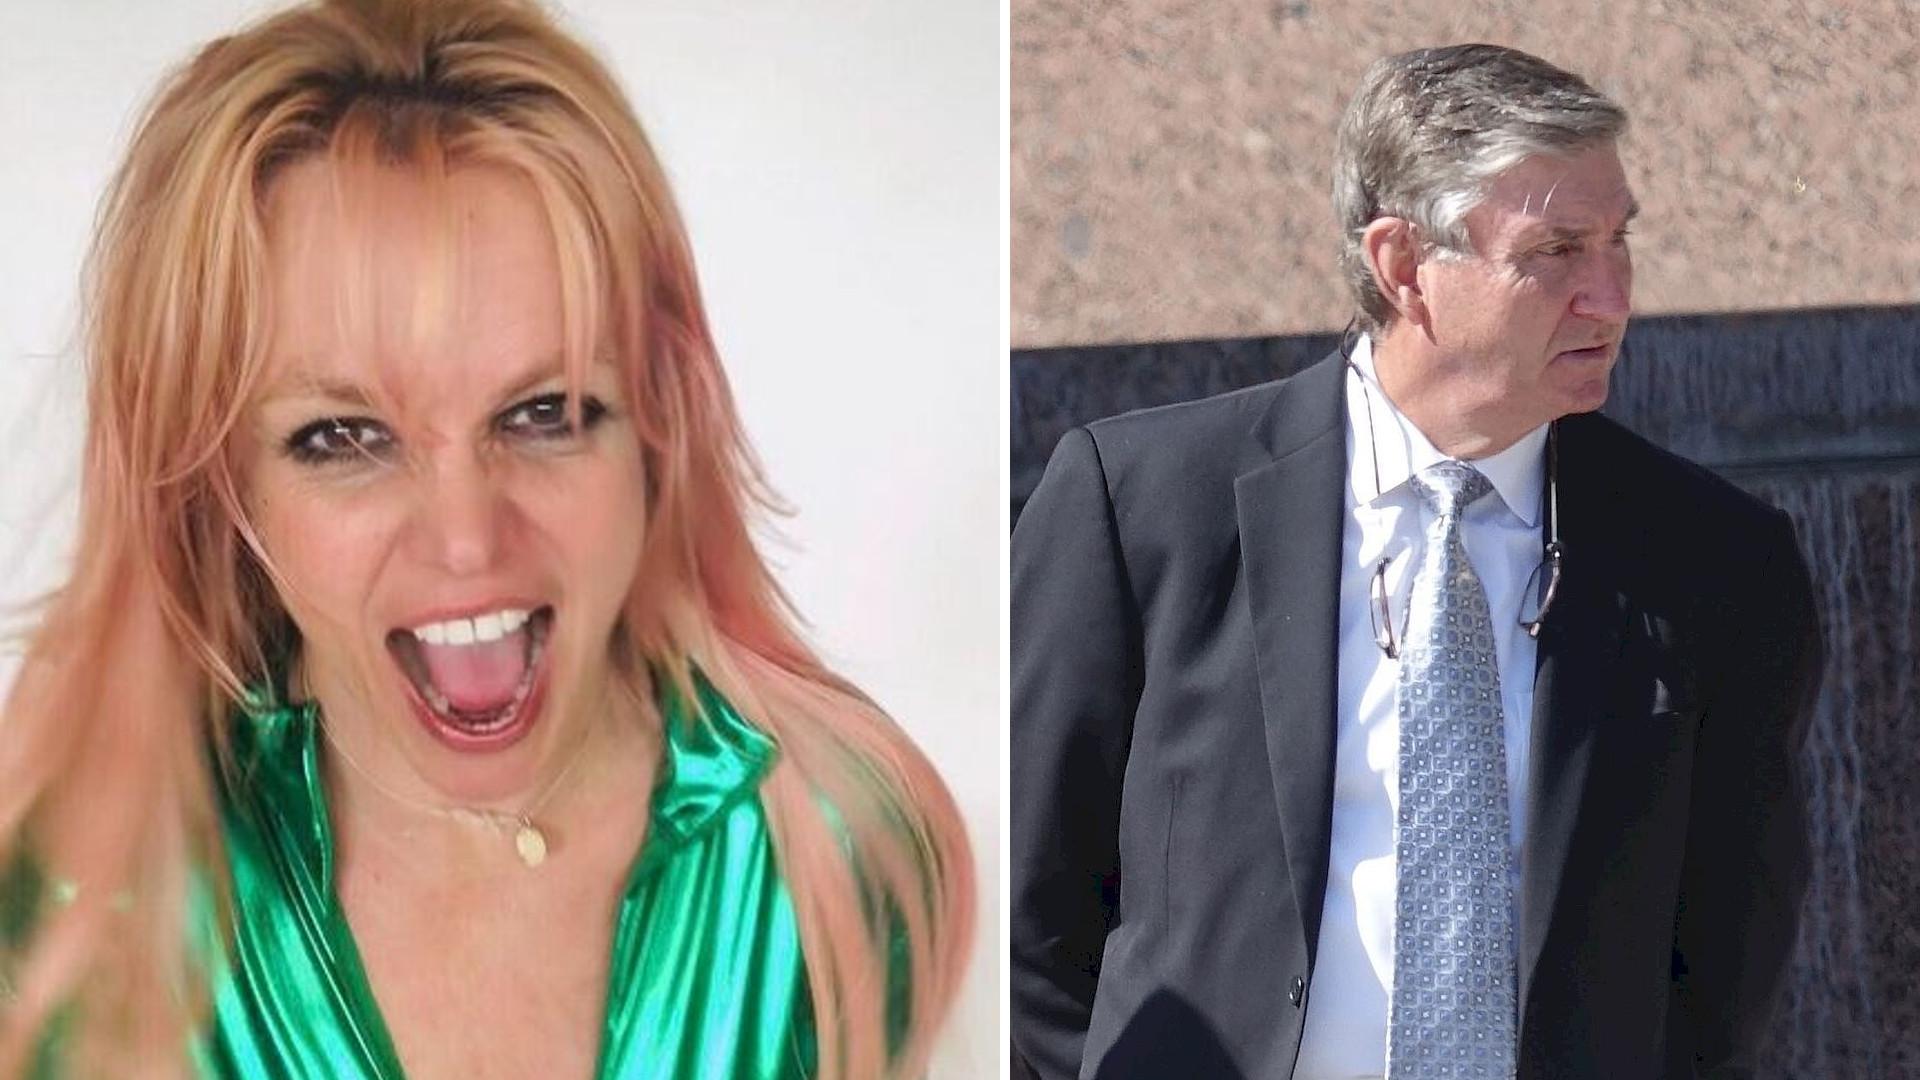 Ojciec Britney chce ją znów wsadzić do zakładu psychiatrycznego